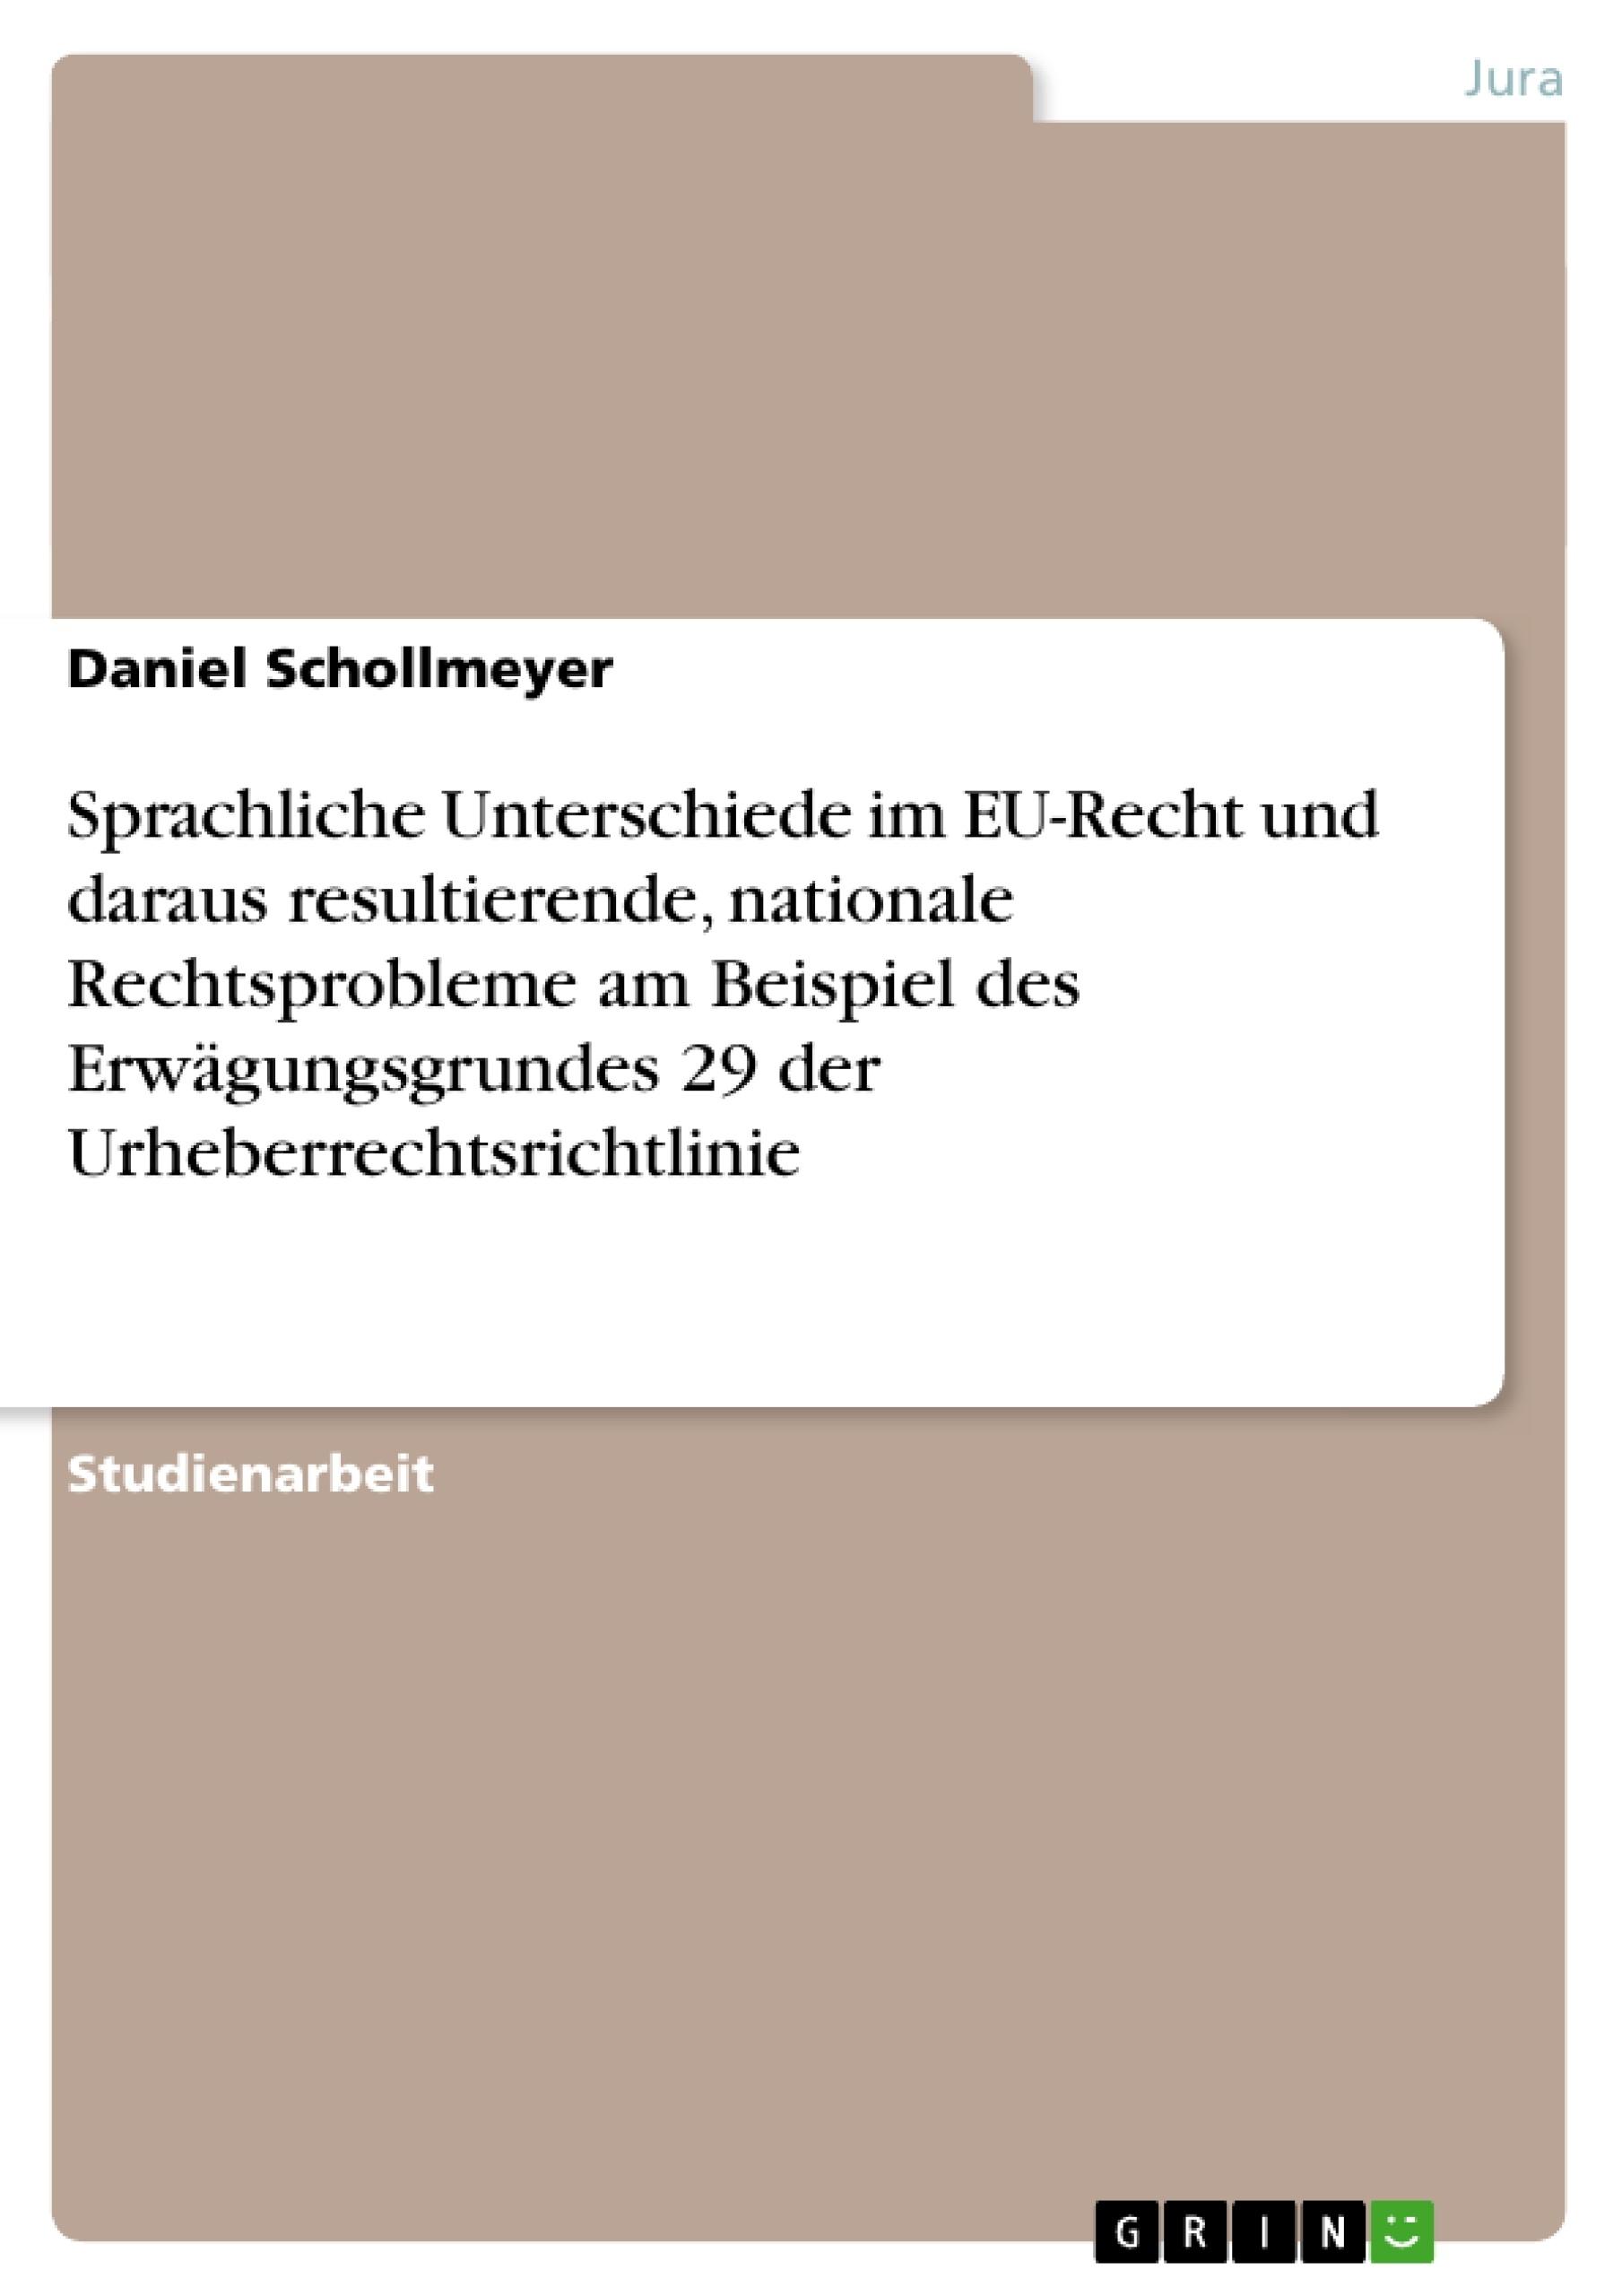 Titel: Sprachliche Unterschiede im EU-Recht und daraus resultierende, nationale Rechtsprobleme am Beispiel des Erwägungsgrundes 29 der Urheberrechtsrichtlinie